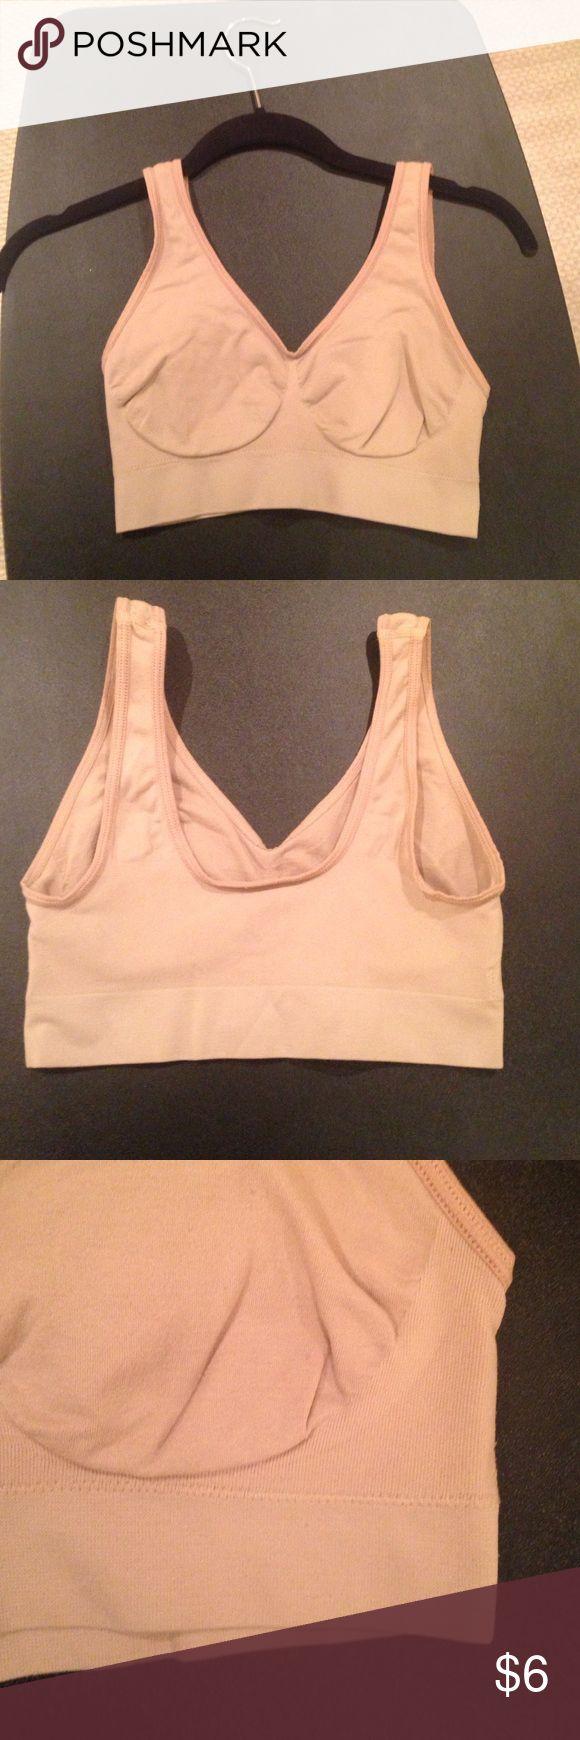 Nude Sports Bra SizeM Nude sports bra worn with ❤️ Intimates & Sleepwear Bras